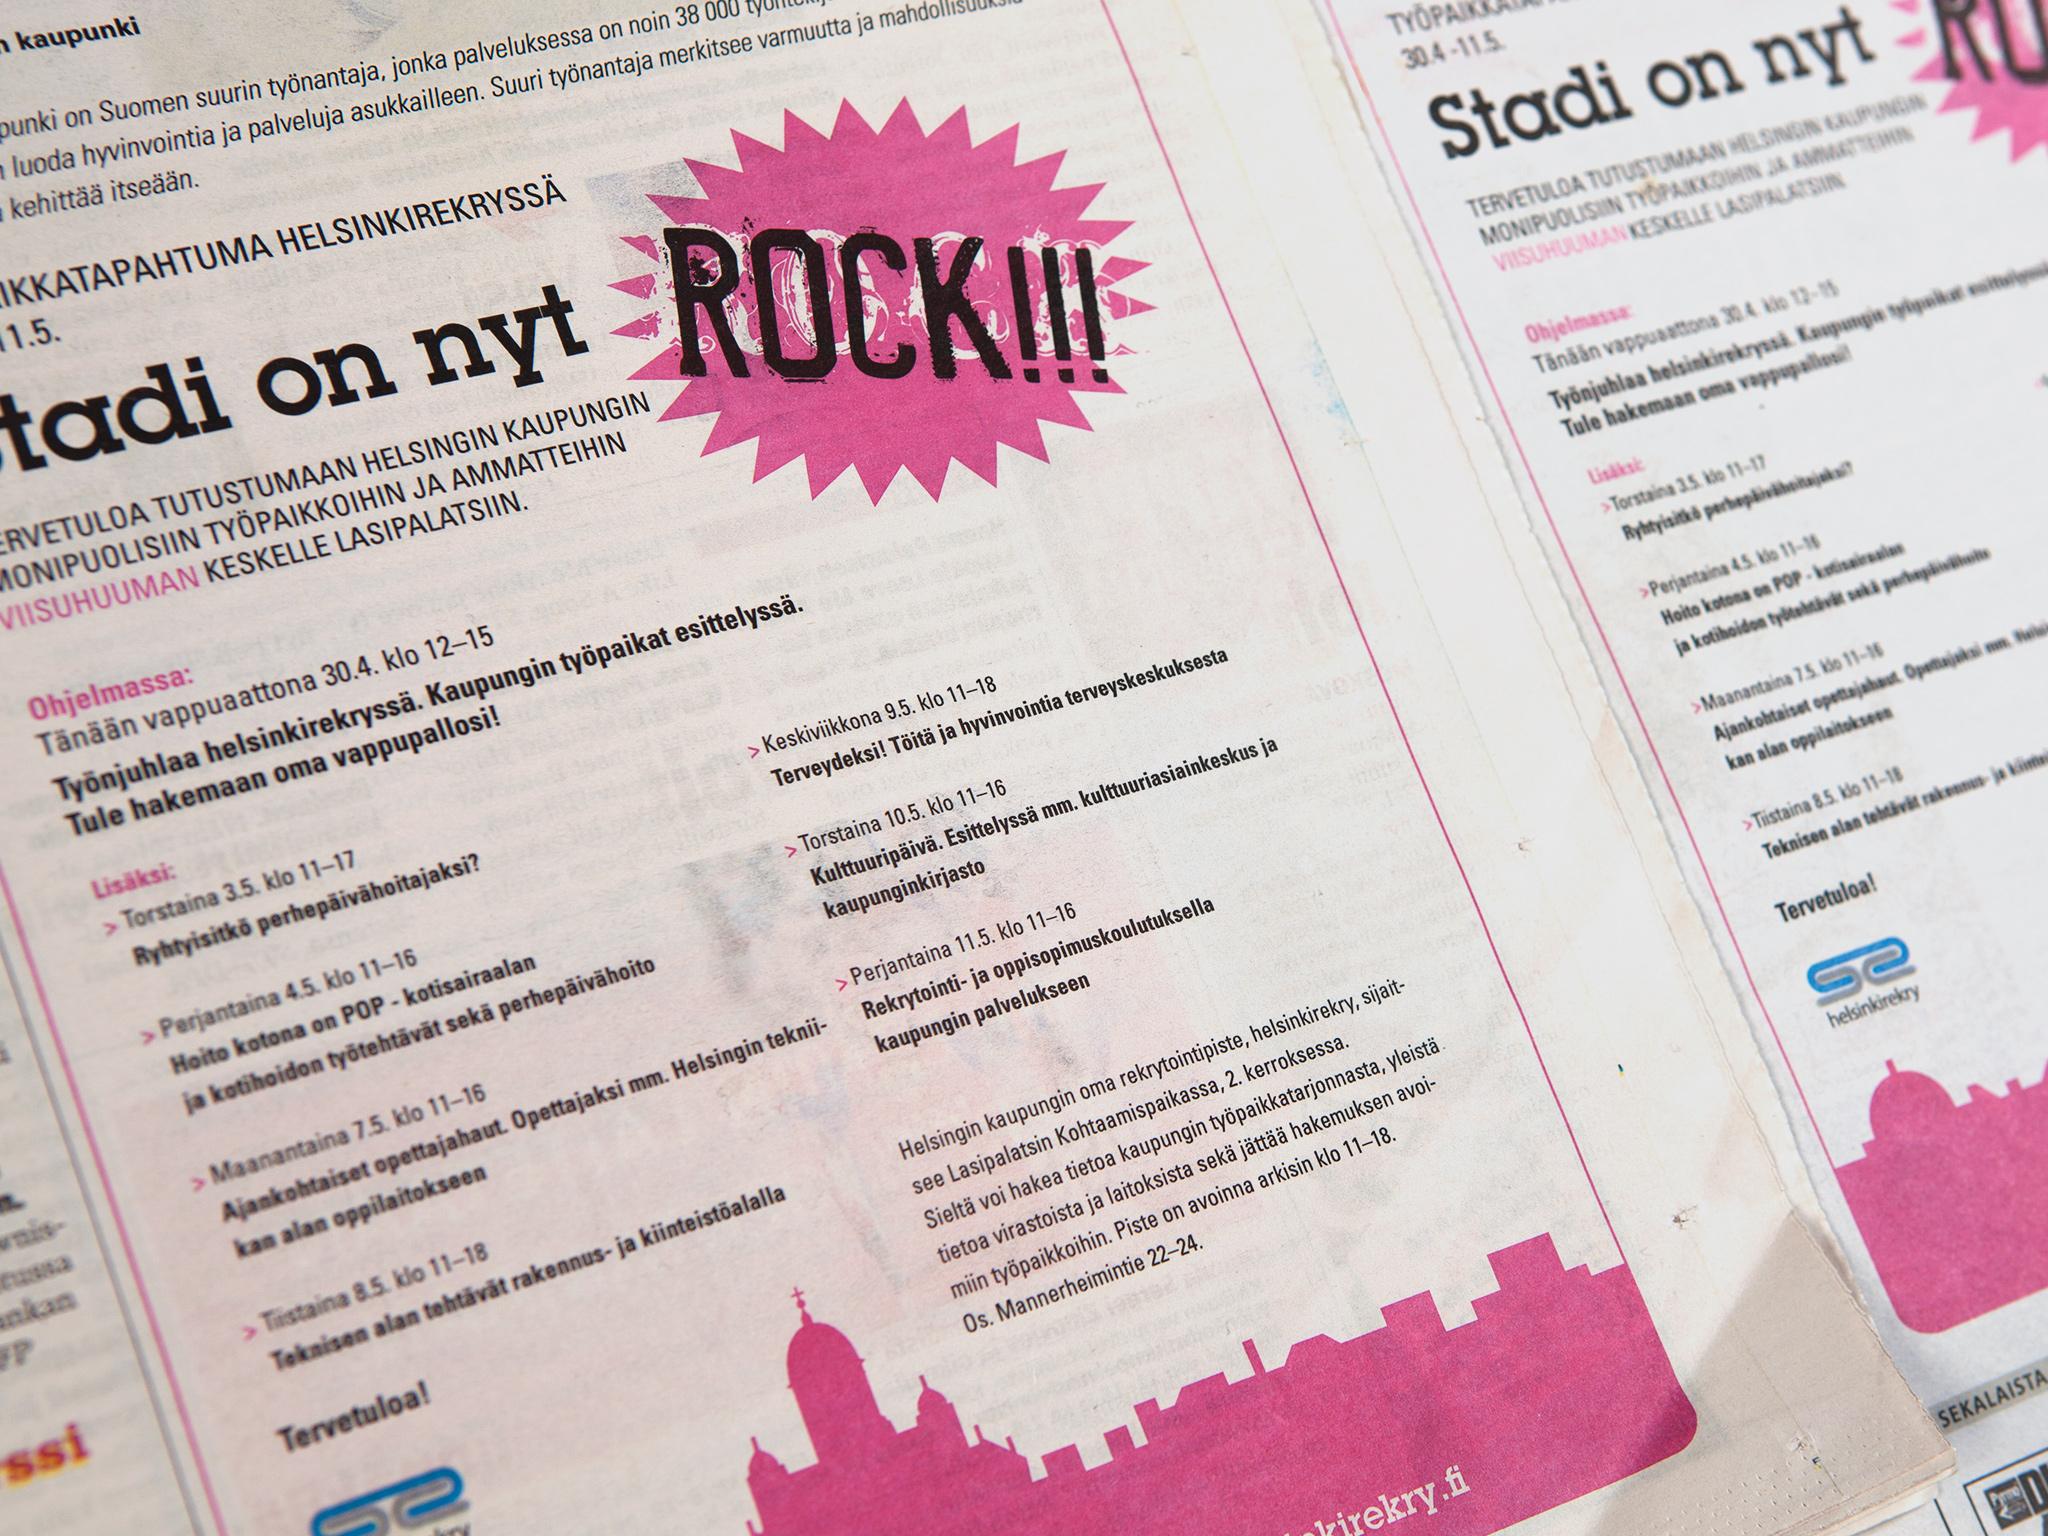 Helsinkirekry_stadirock_web.jpg